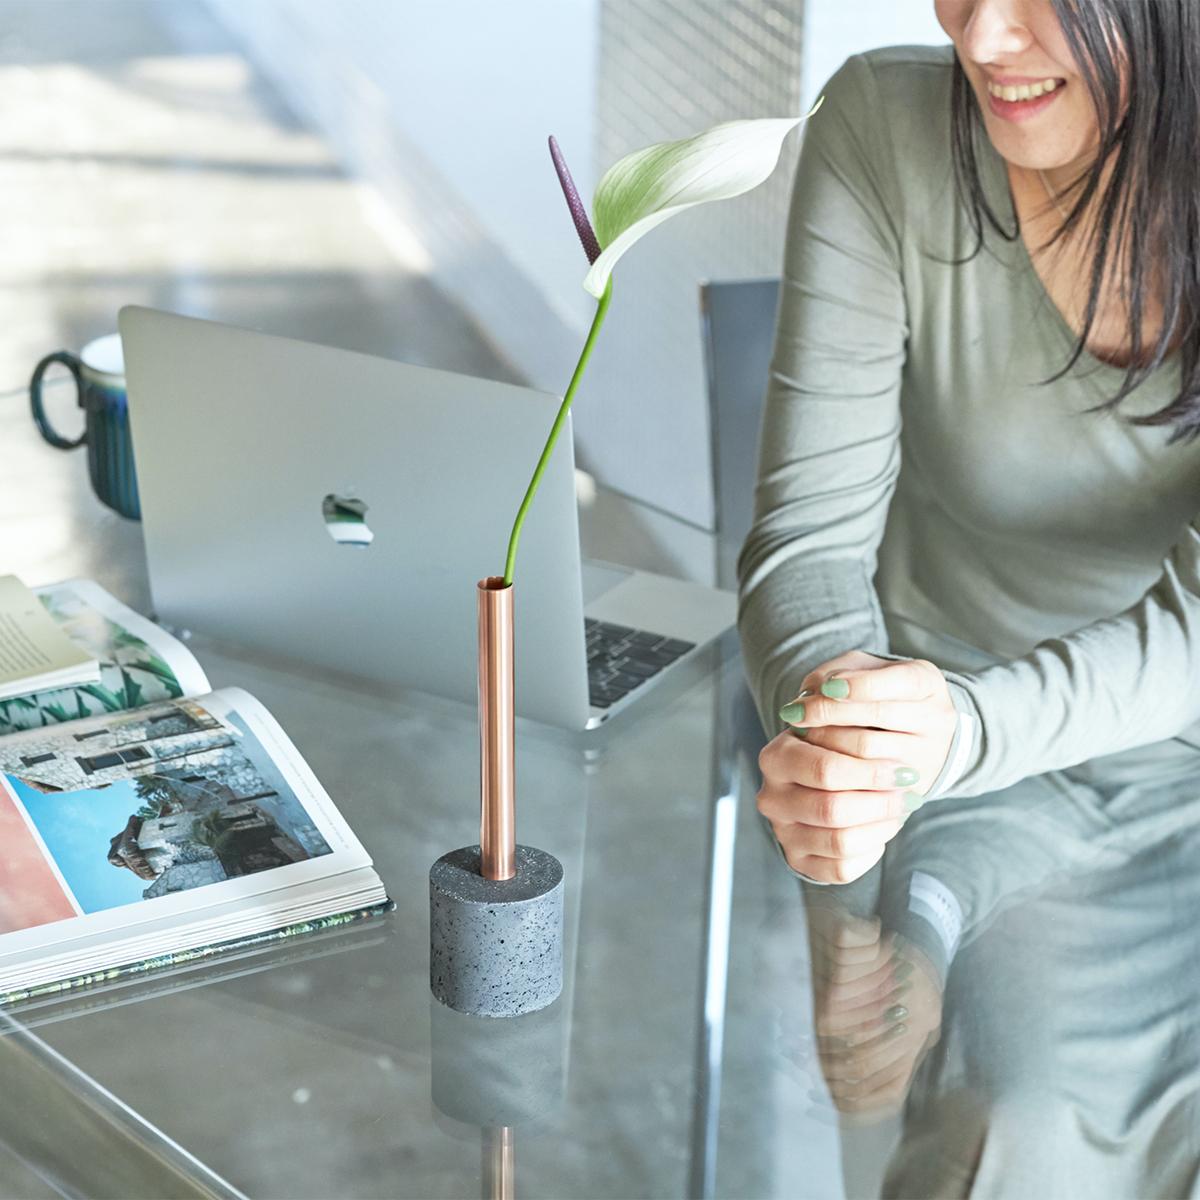 植物の知識も、生け花のセンスも要らない。あなたの一日に小さなゆとりが生まれる。無造作に挿すだけで「絵」になる、銅管の一輪挿し・花瓶・フラワーベース|BULBOUS